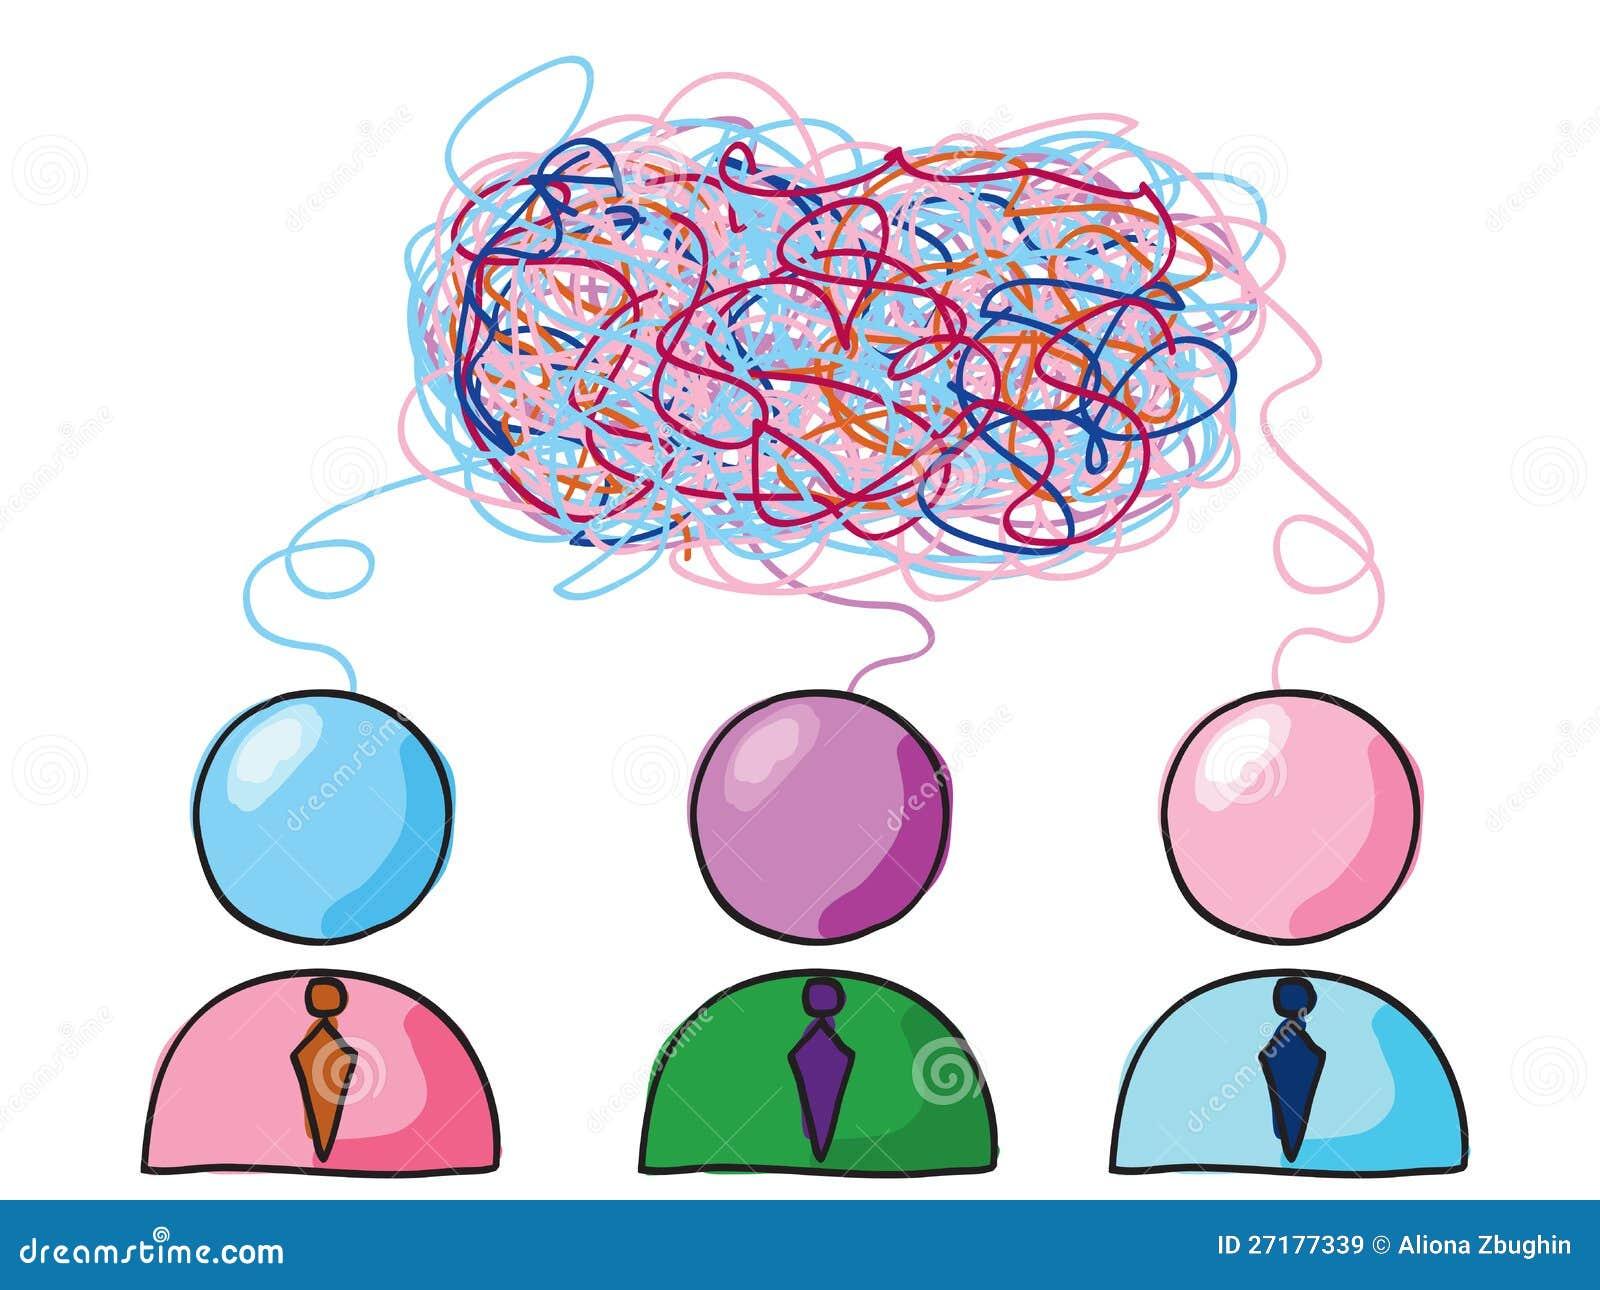 Gruppe denken vektor abbildung. Illustration von ...